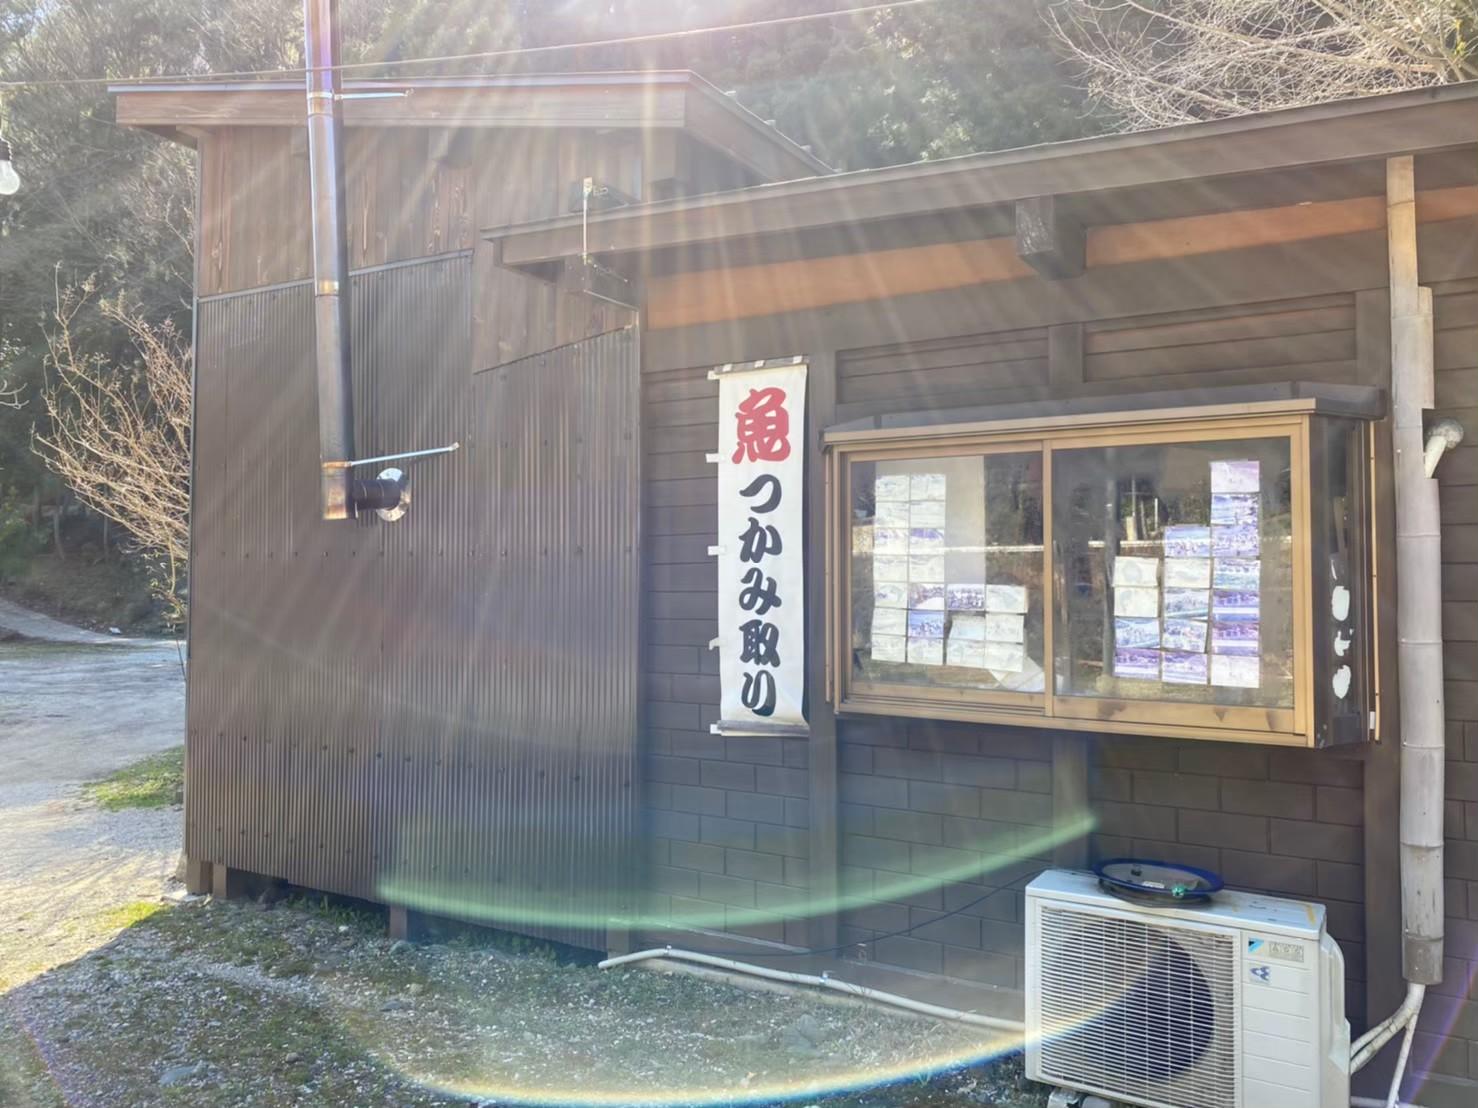 【林間・山・川と多彩|米原市】『姉川パーク』攻略ガイド(駐車場・トイレ)